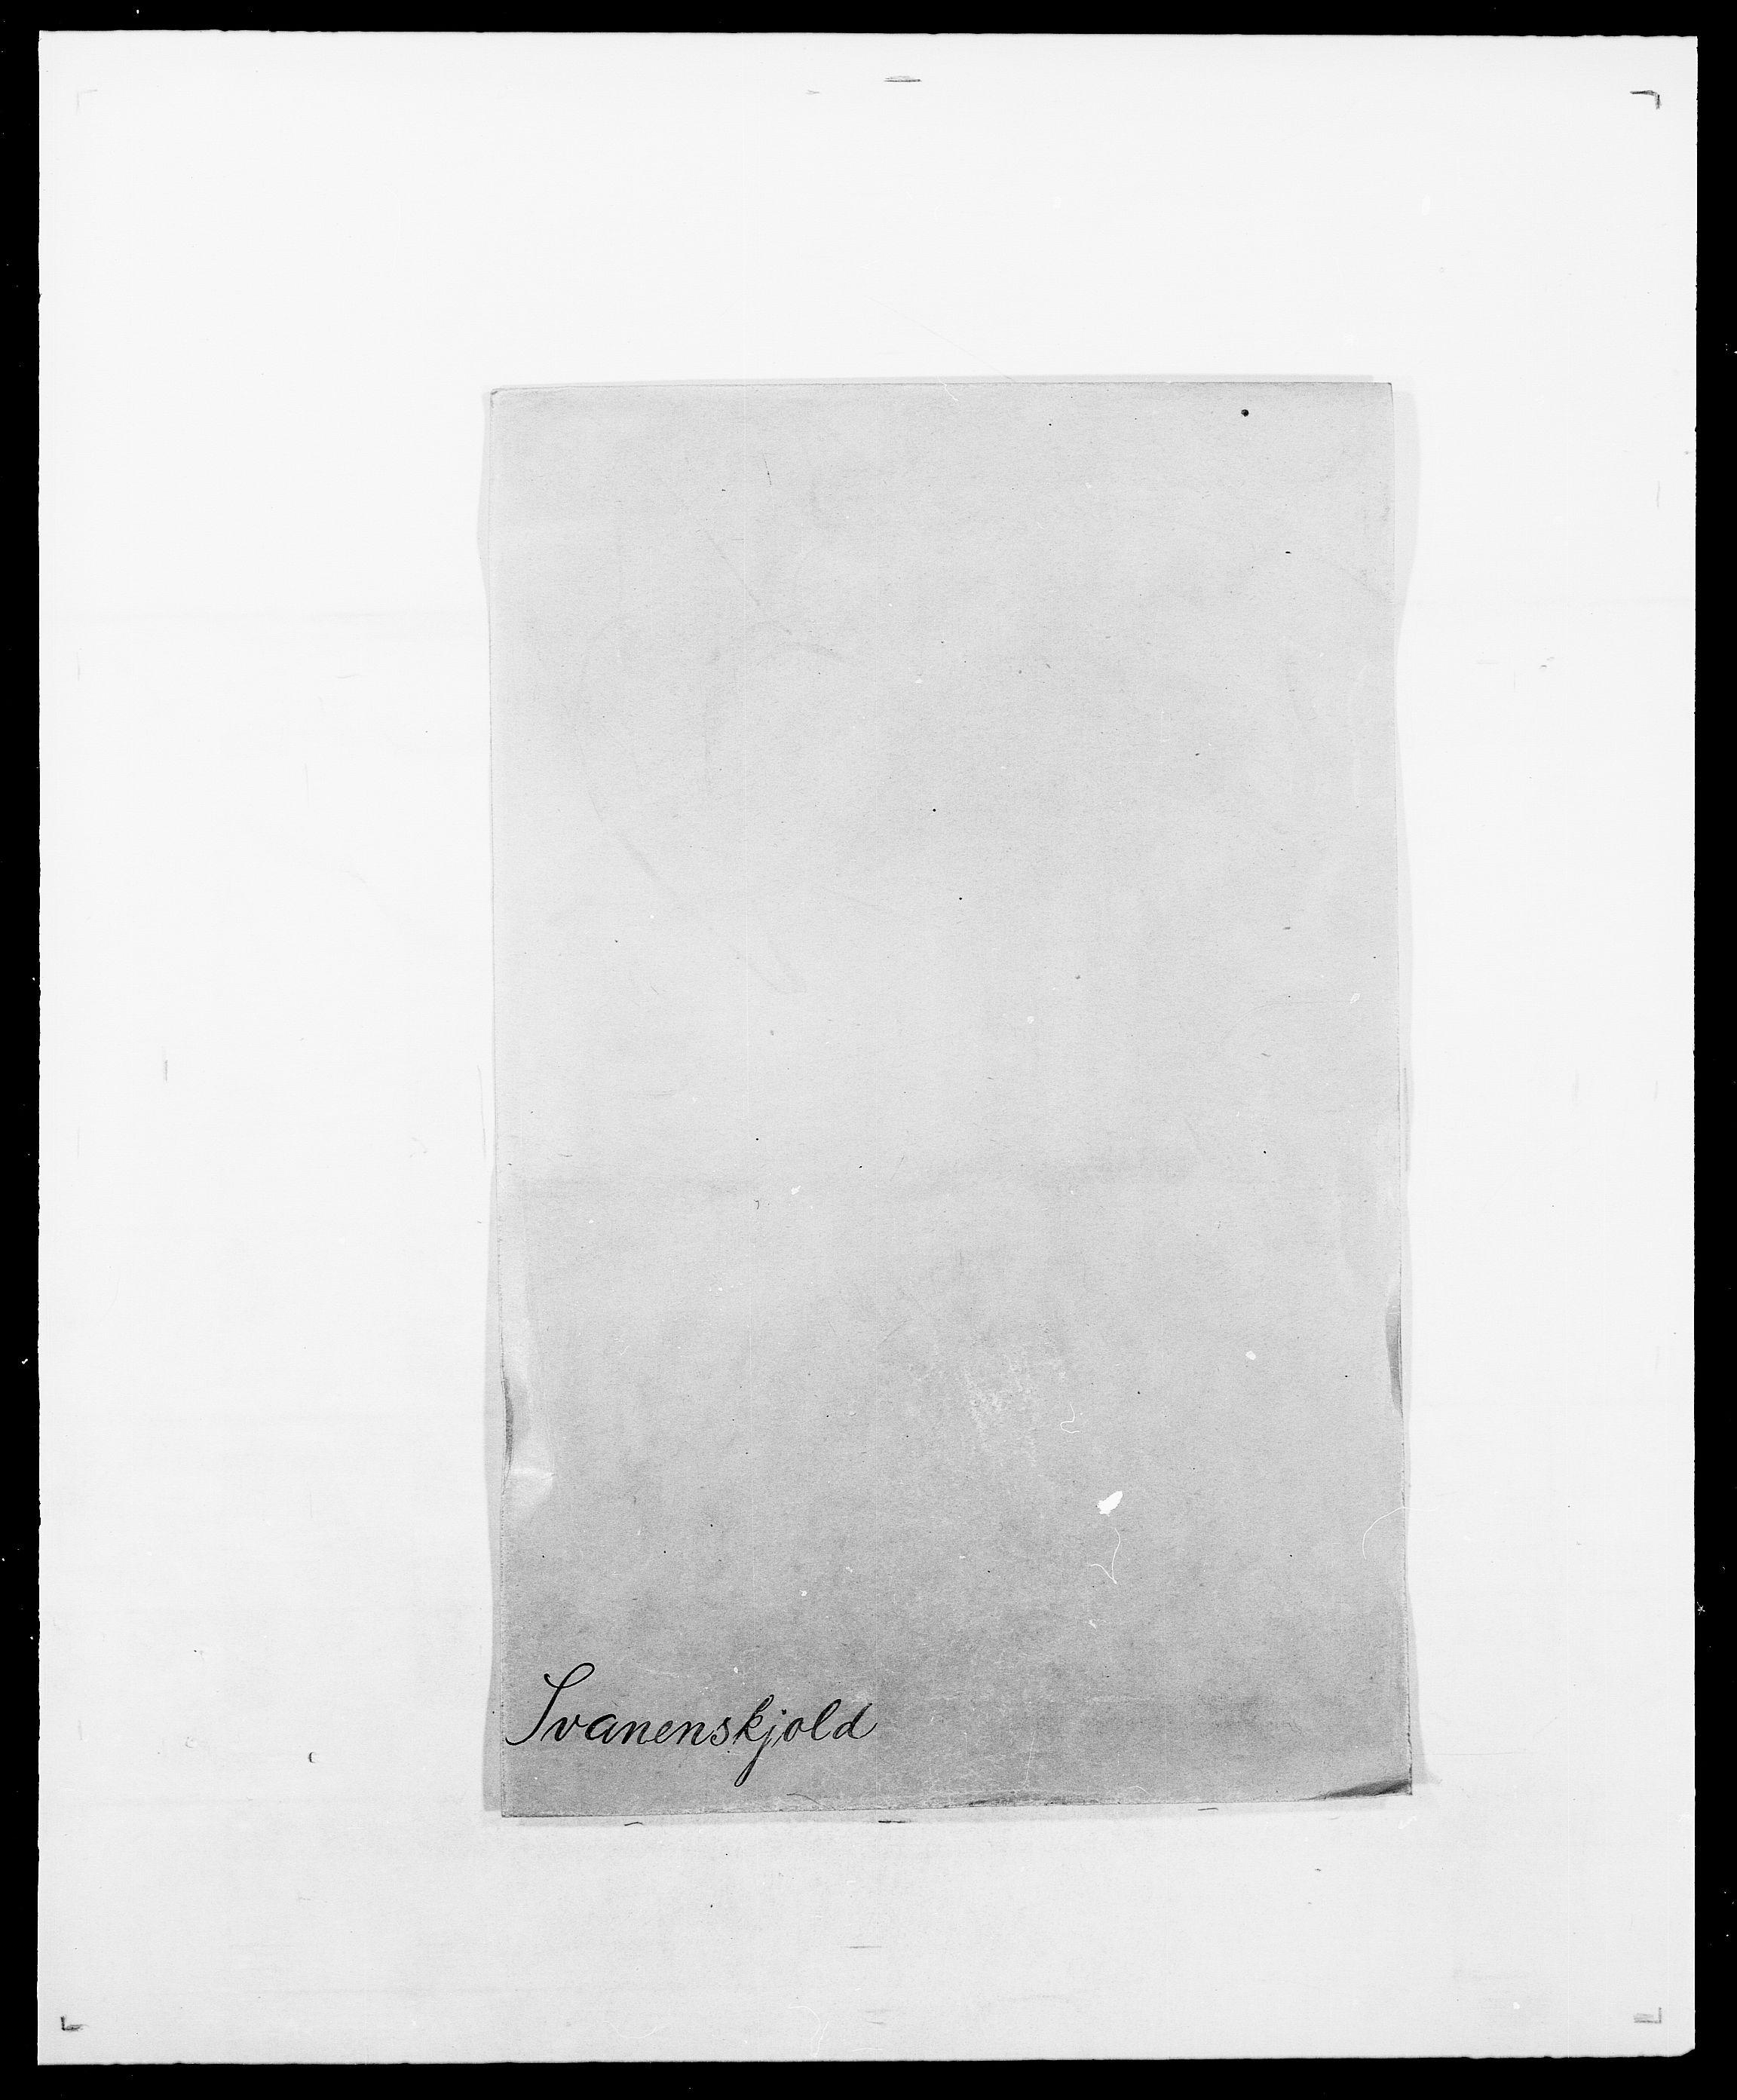 SAO, Delgobe, Charles Antoine - samling, D/Da/L0038: Svanenskjold - Thornsohn, s. 1